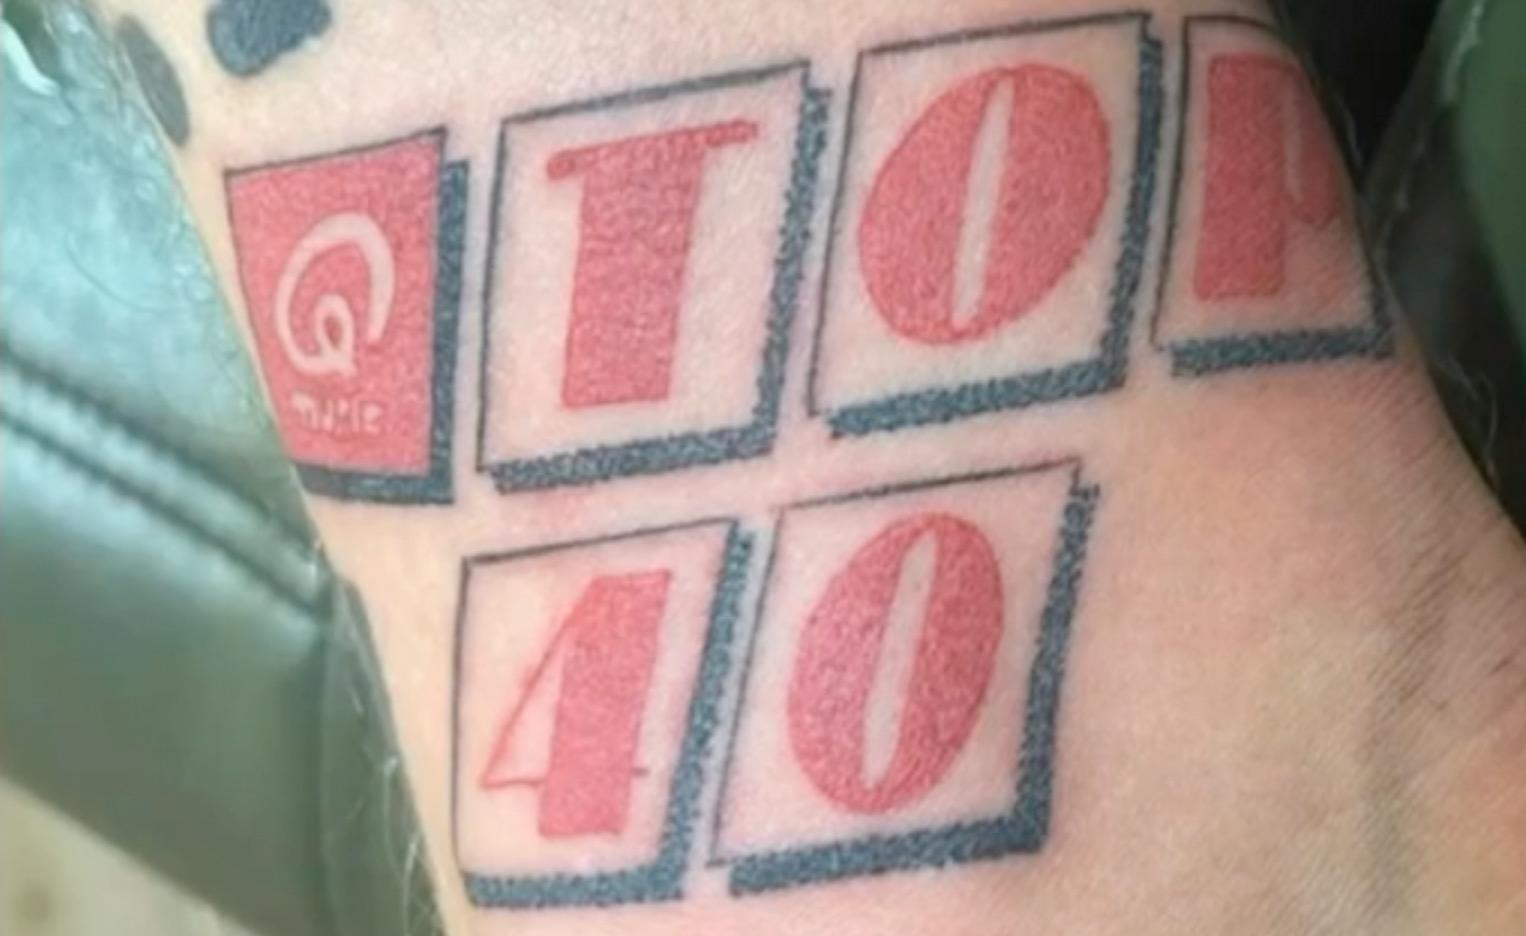 Mart Hoogkamer ( nr 1 hit: Ik ga zwemmen) met Top 40 tatoage.